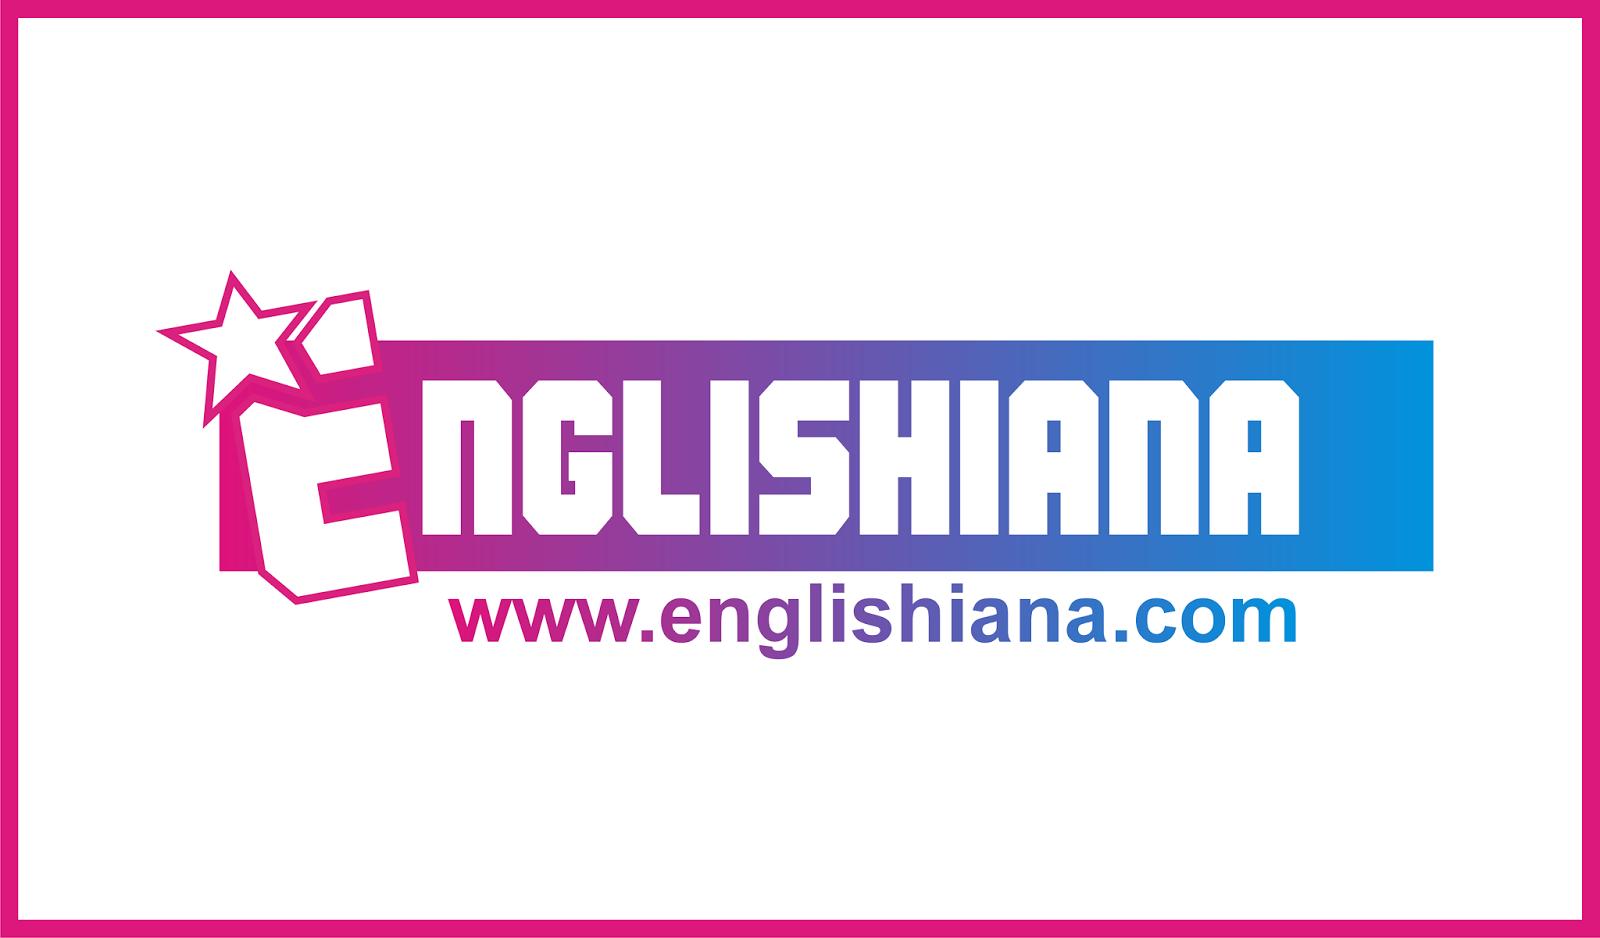 Kumpulan Contoh Soal Sbmptn Dan Pembahasannya 2016 Englishiana